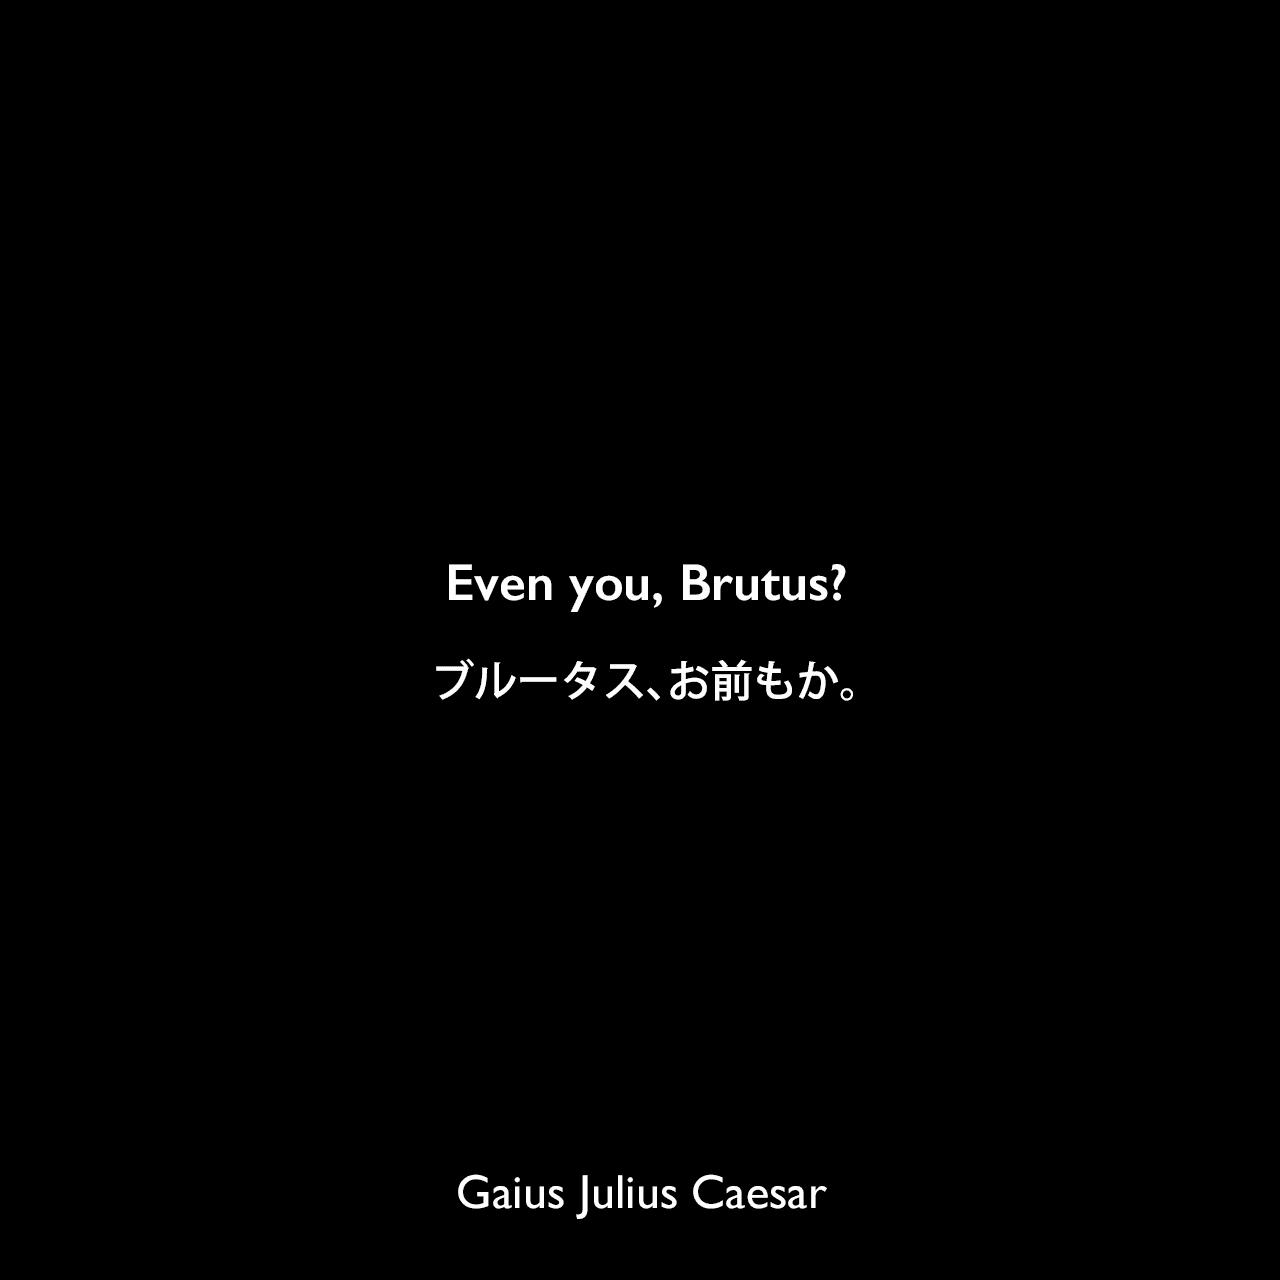 Even you, Brutus?ブルータス、お前もか。(暗殺された際、腹心のブルートゥスが暗殺グループの一員だったことを知って放った最後の言葉。)Gaius Julius Caesar